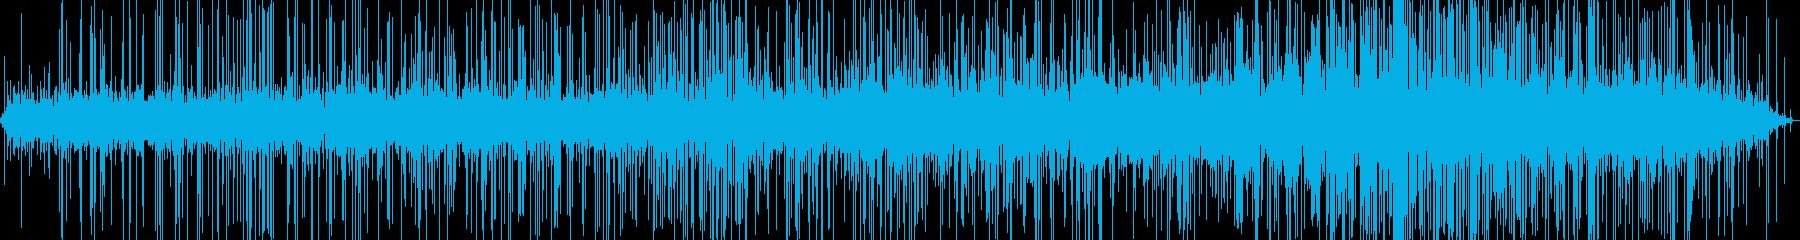 火のパチパチ(重いパチパチ)の再生済みの波形